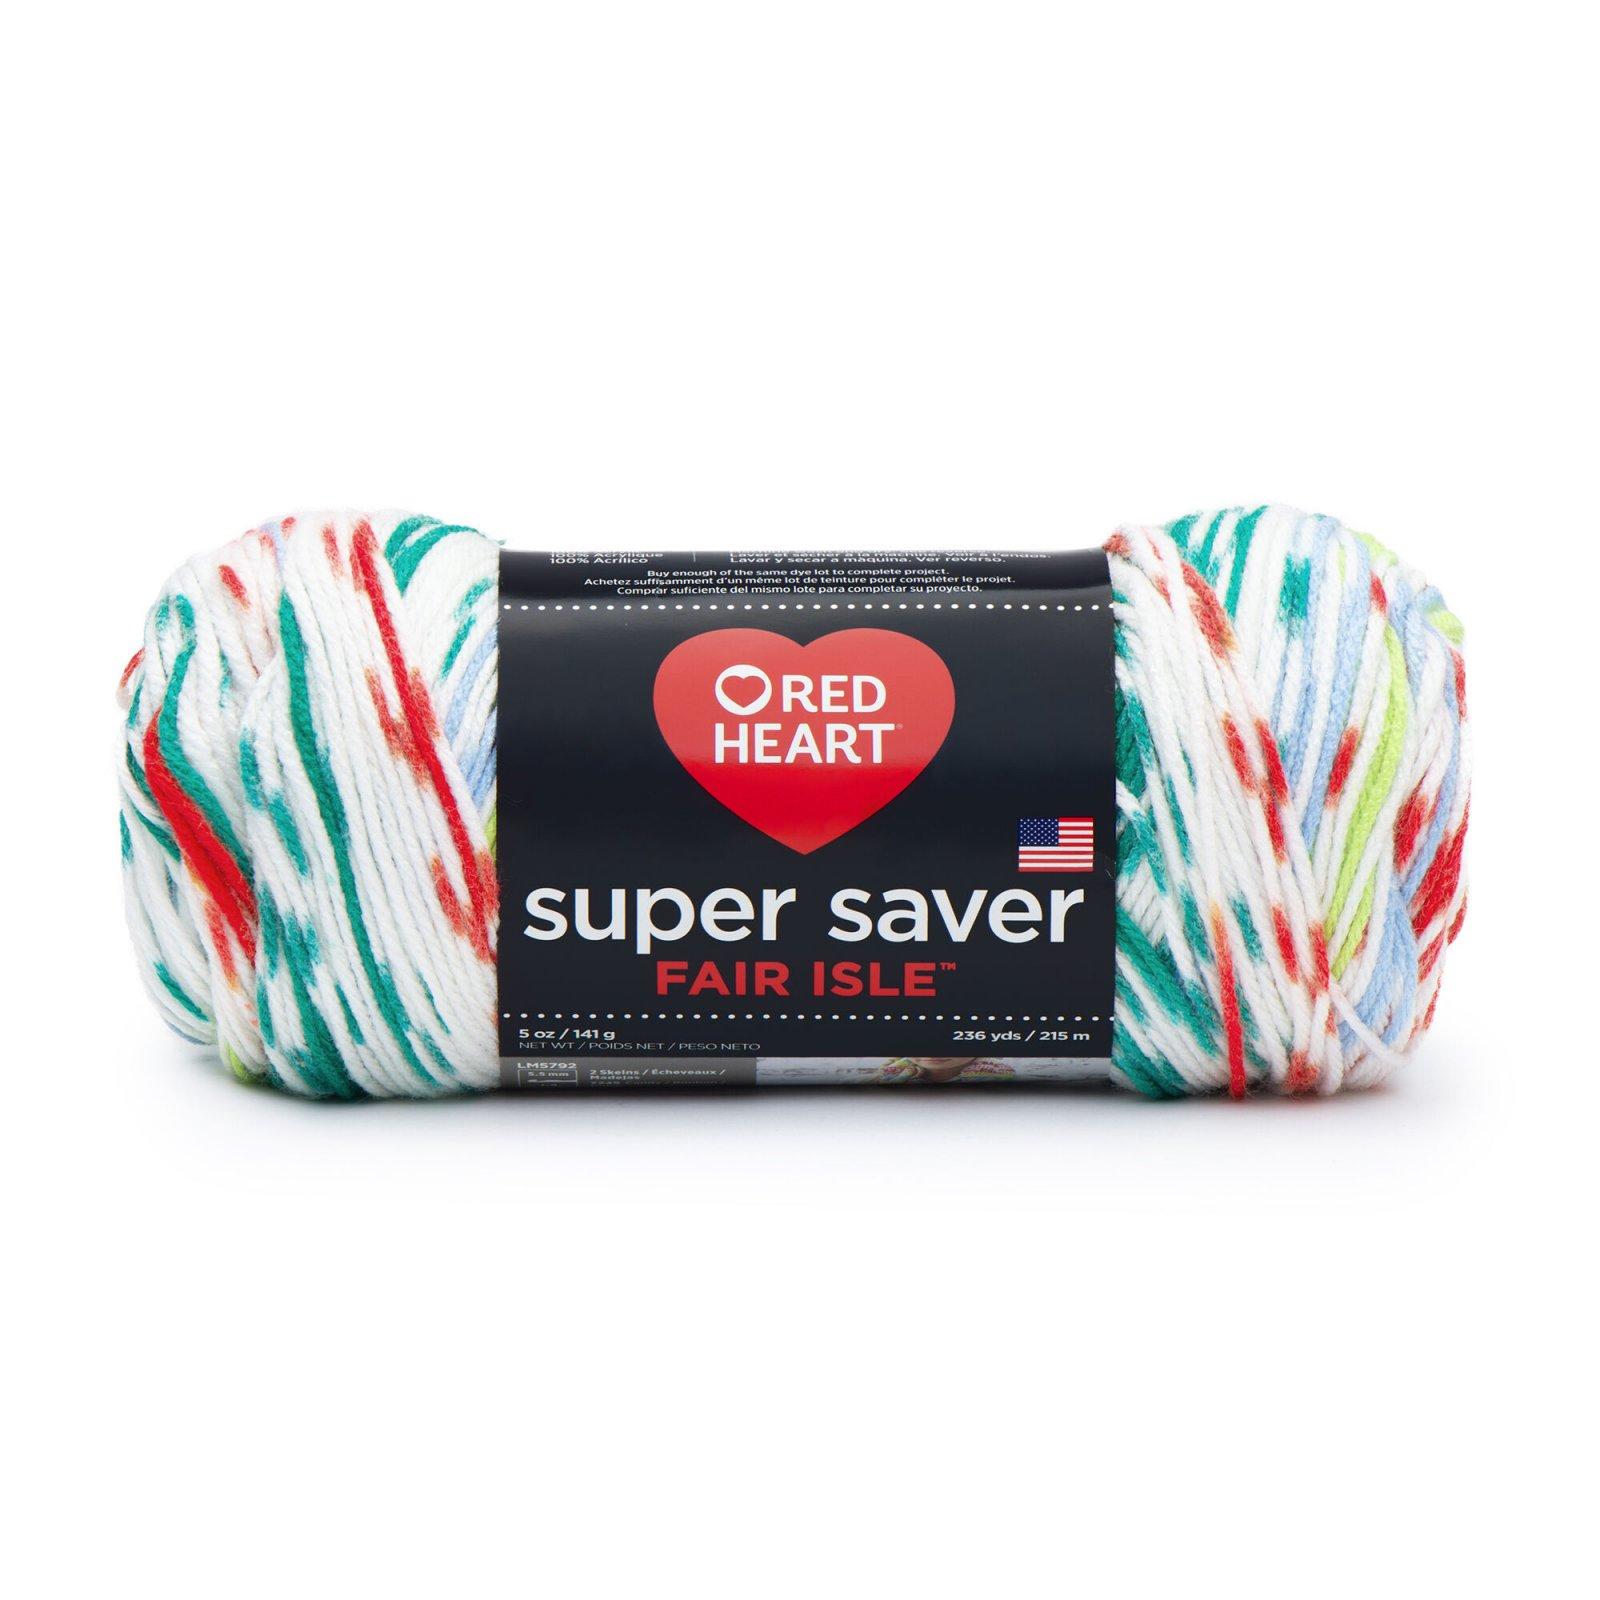 RH Super Saver - Fair Isle Winter